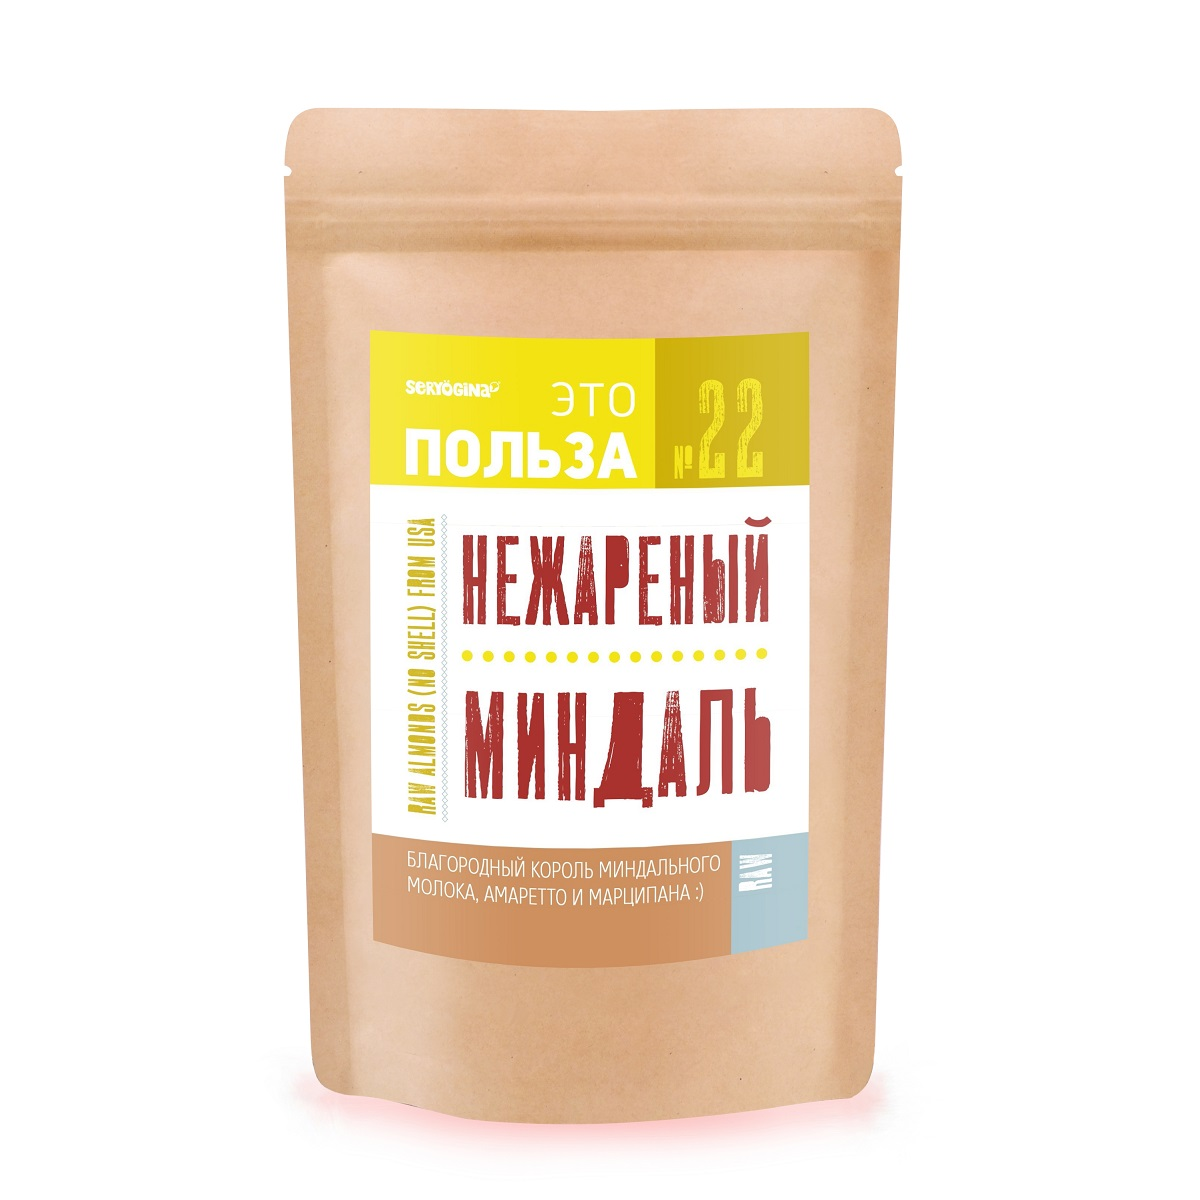 Seryogina Миндаль нежареный, 1500 г4607012297495Сладкий вкусный миндаль. Идеален для приготовления десертов и сладостей. 40% дневной нормы кальция и магния, богат витаминами групп В и Е, белком, железом, цинком, фосфора в нем больше, чем в других орехах.